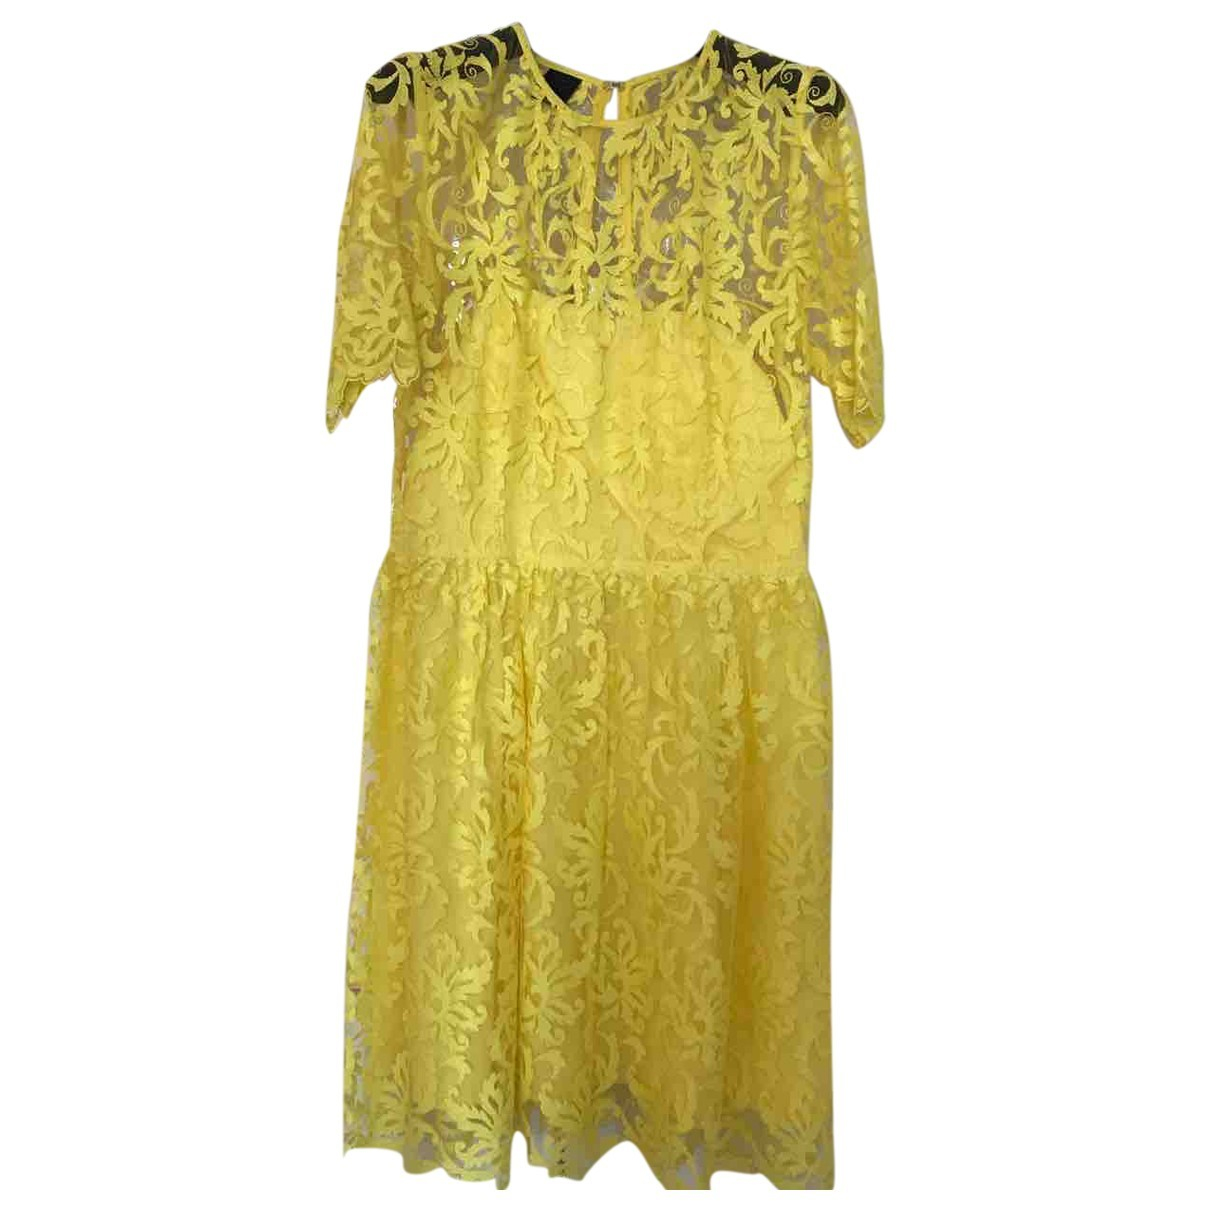 Pinko \N Kleid in  Gelb Polyester